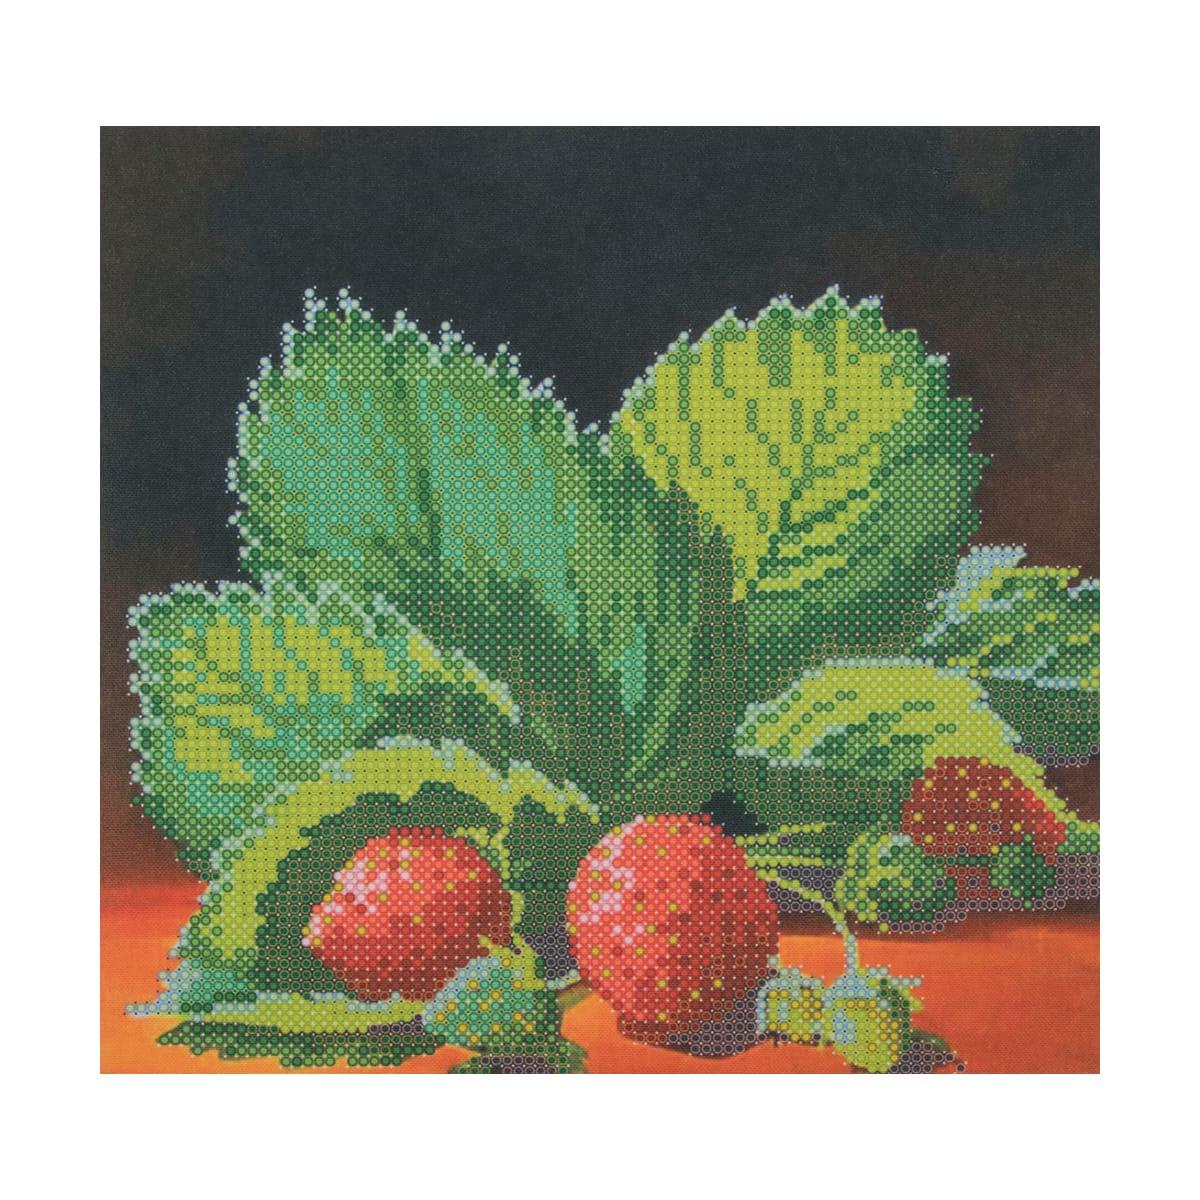 НР-3014 Канва с рисунком для вышивания бисером 'Клубника' Hobby&Pro 20*19см